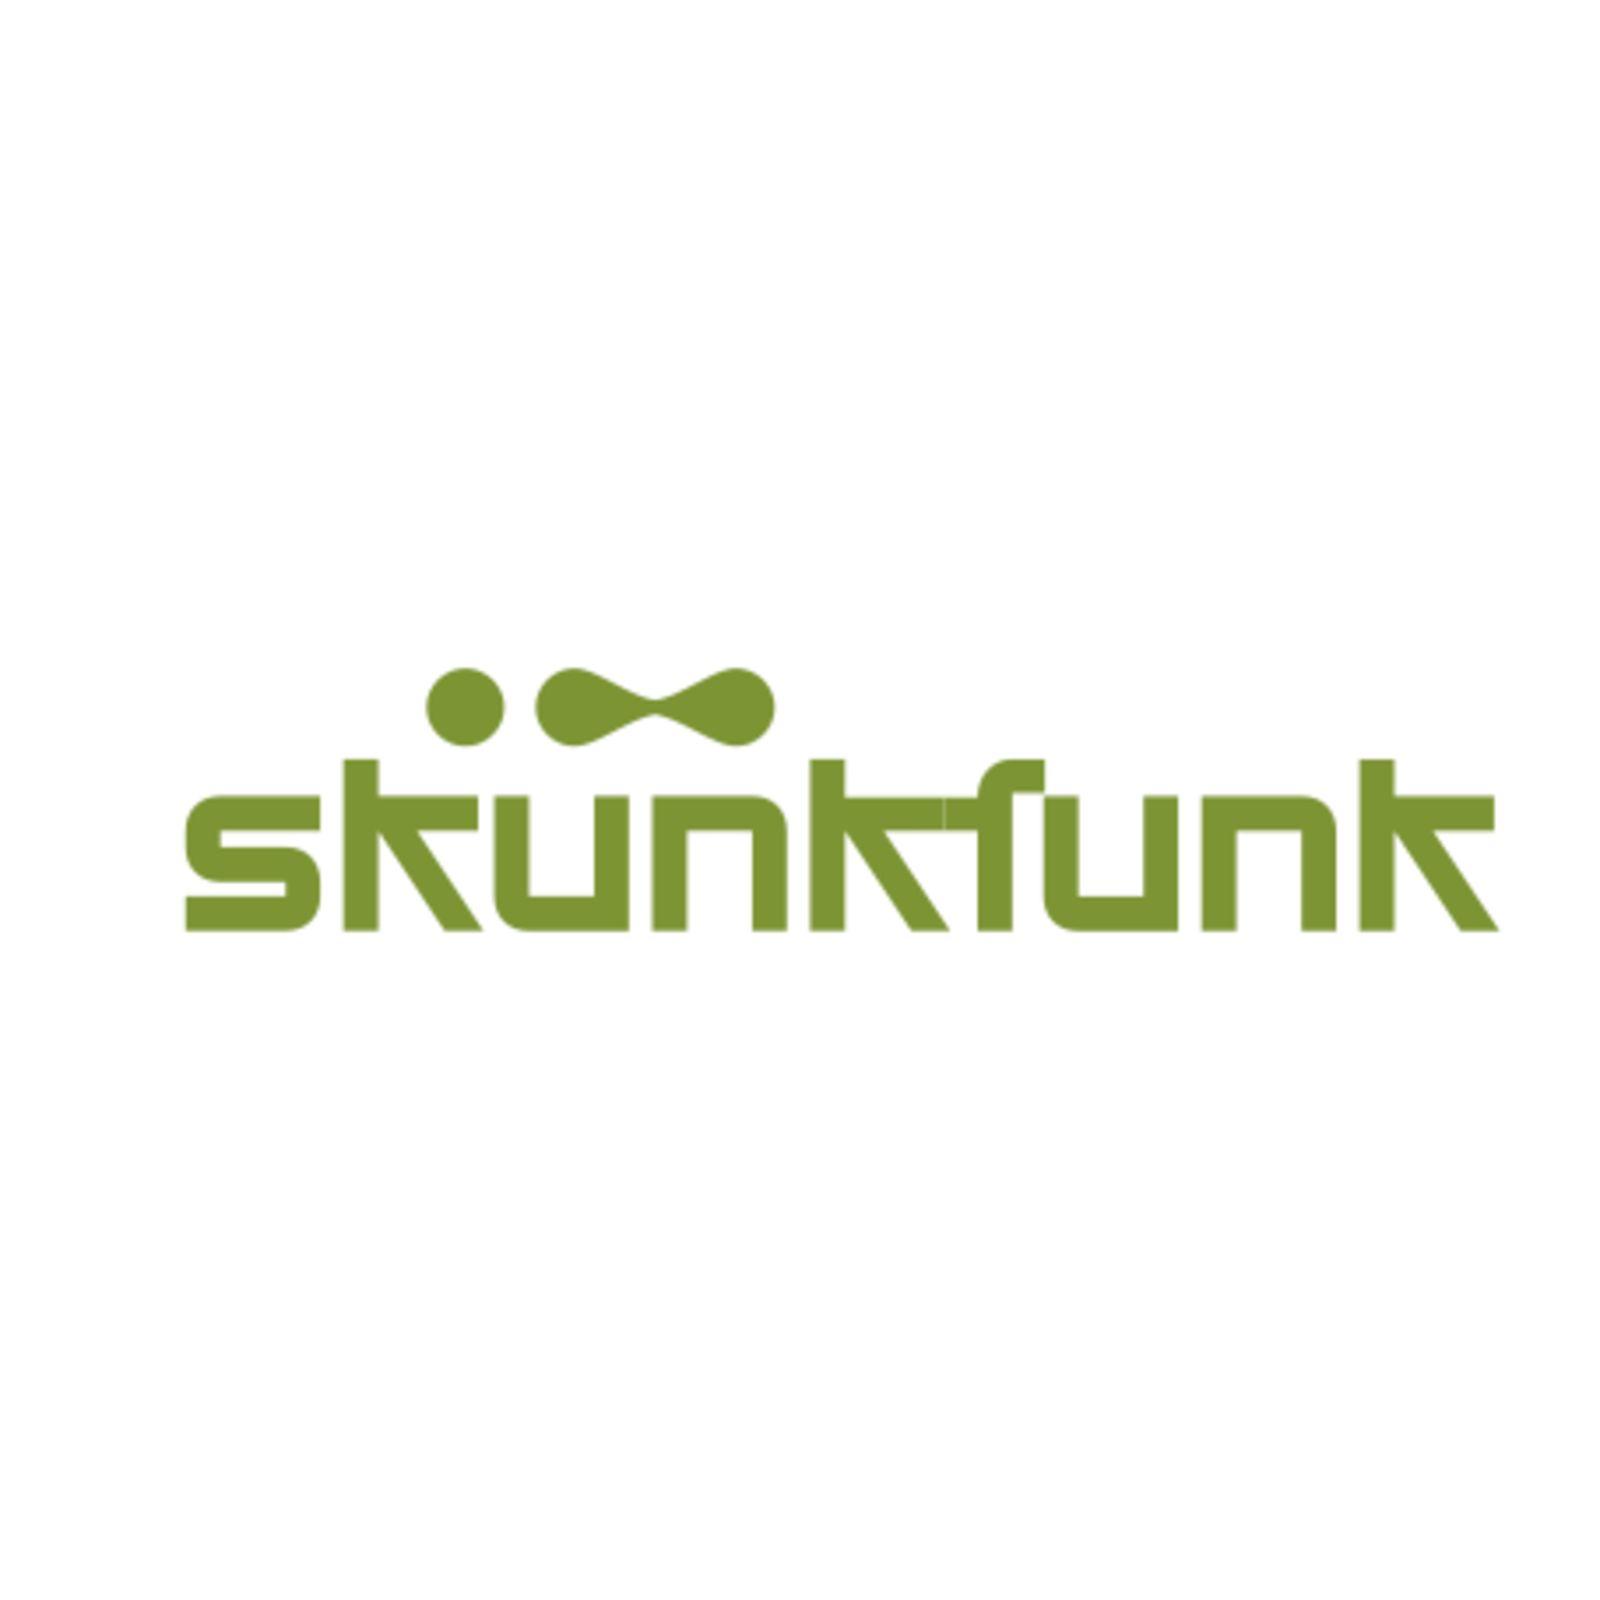 Skunkfunk (Bild 1)